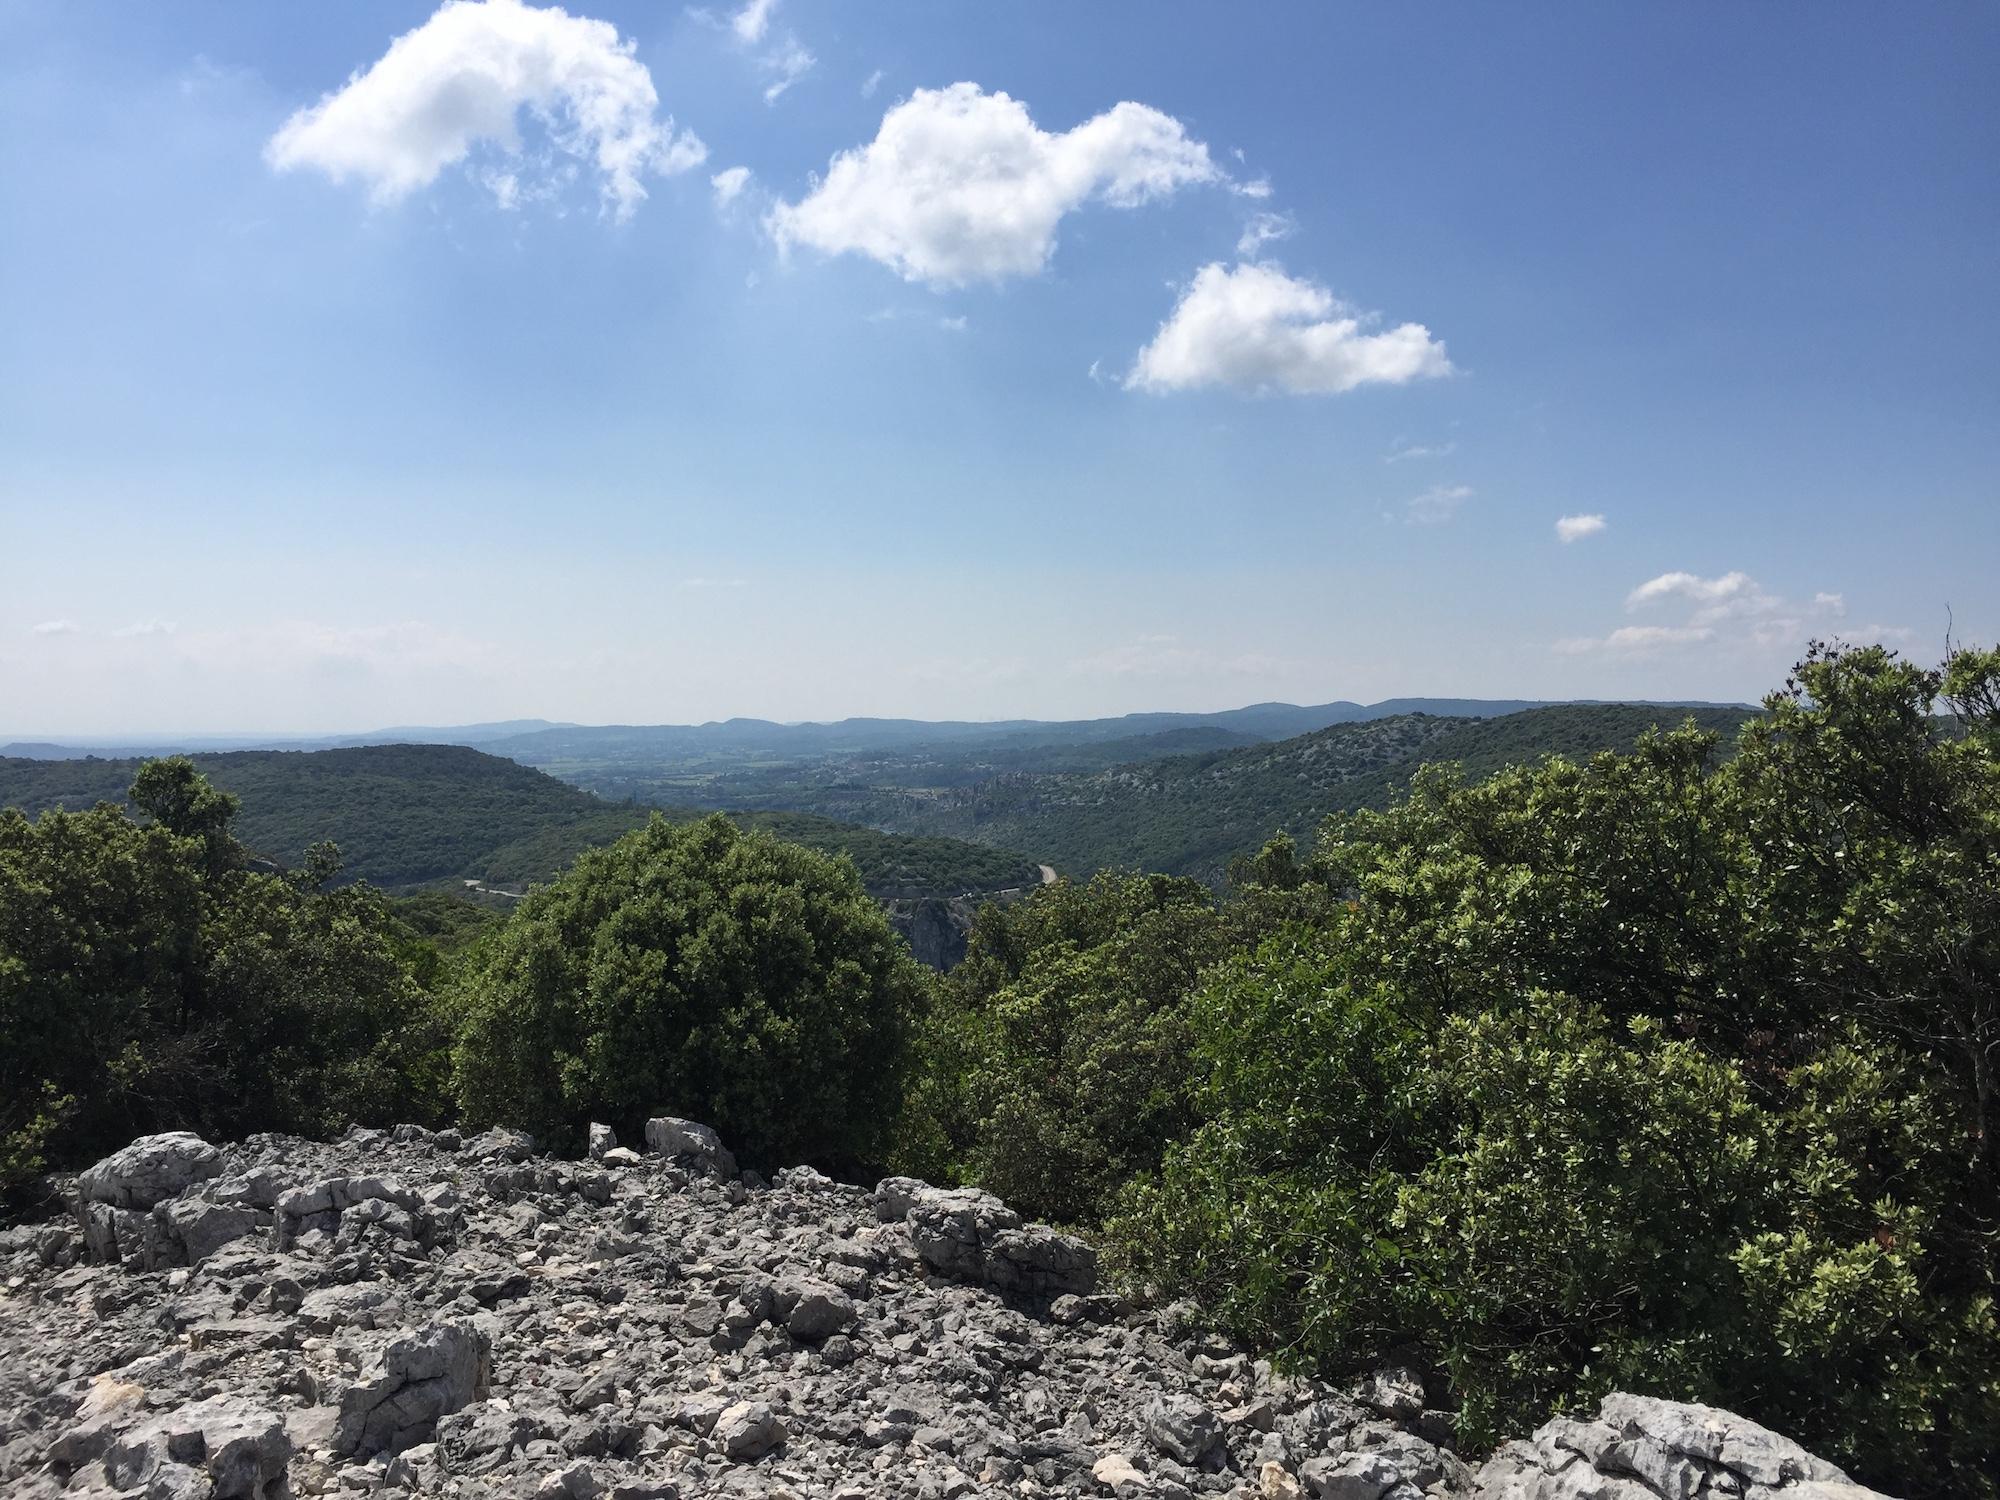 Naturschutzgebiet ardeche schutzen Urgonischen Kalksteins